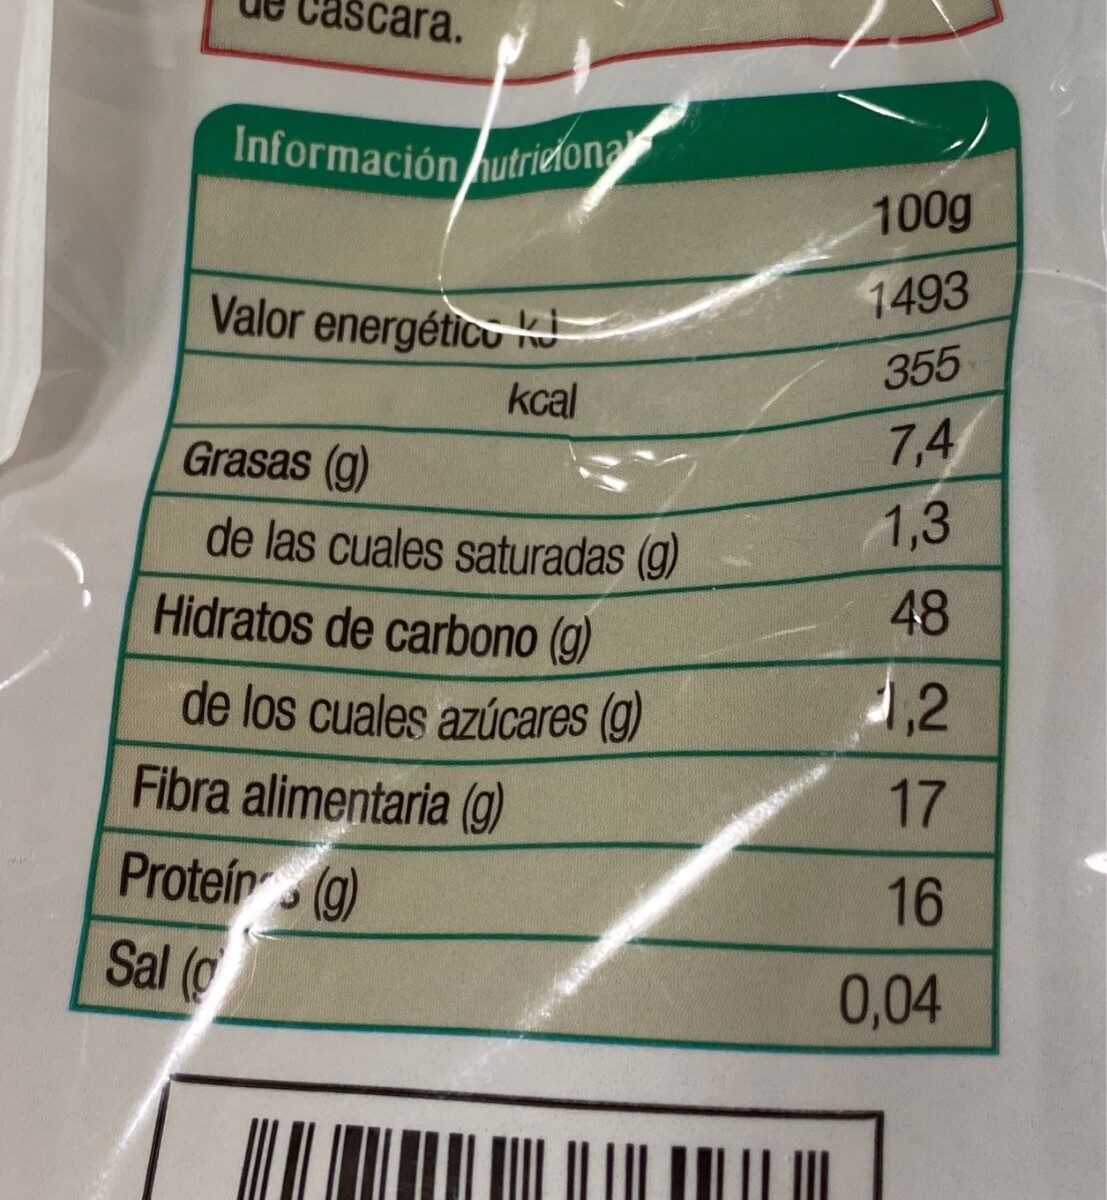 Salvado de avena - Nutrition facts - es